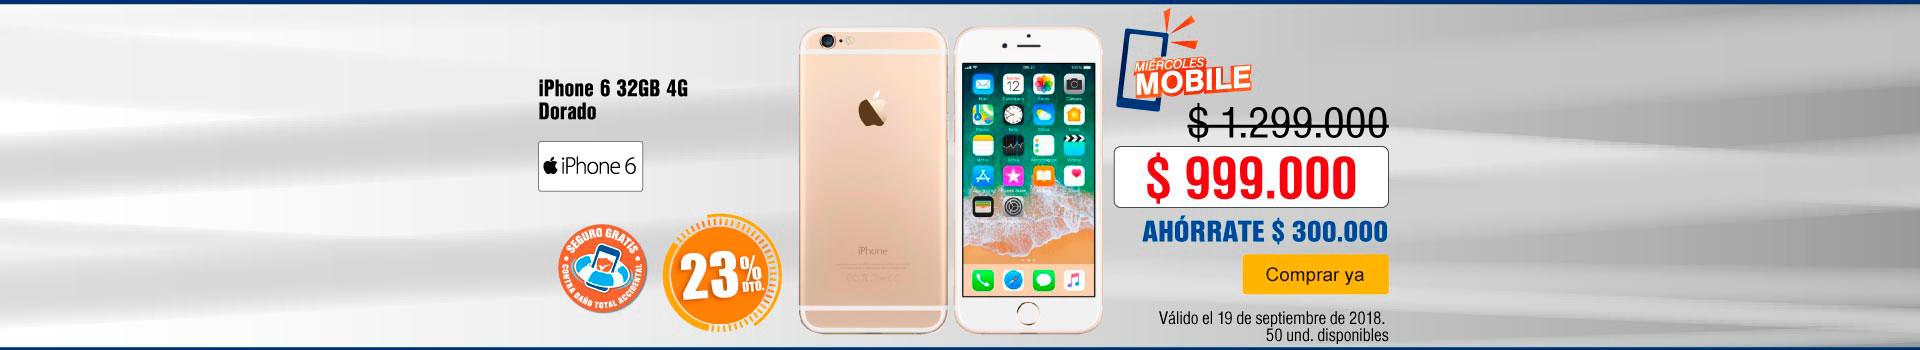 AK-BCAT-1-celulares-PP---iPhone 6 32GB-Sep19